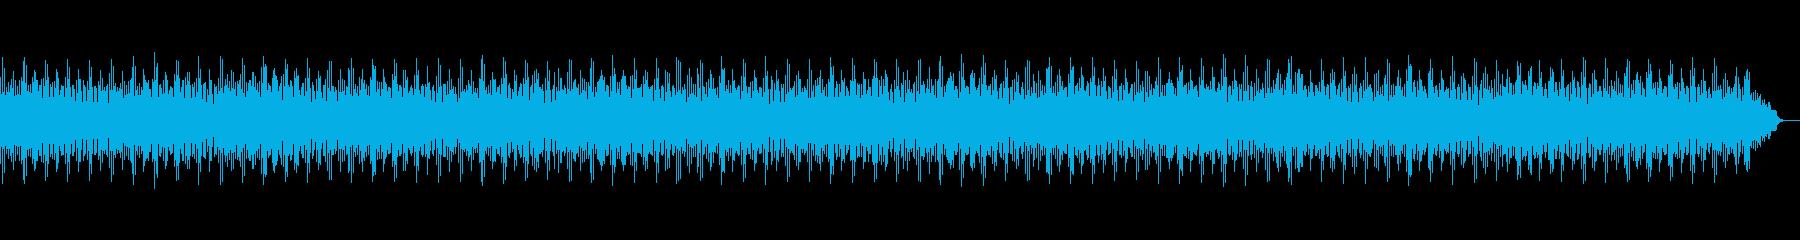 報道・ニュース用BGM~テクノロジー系~の再生済みの波形